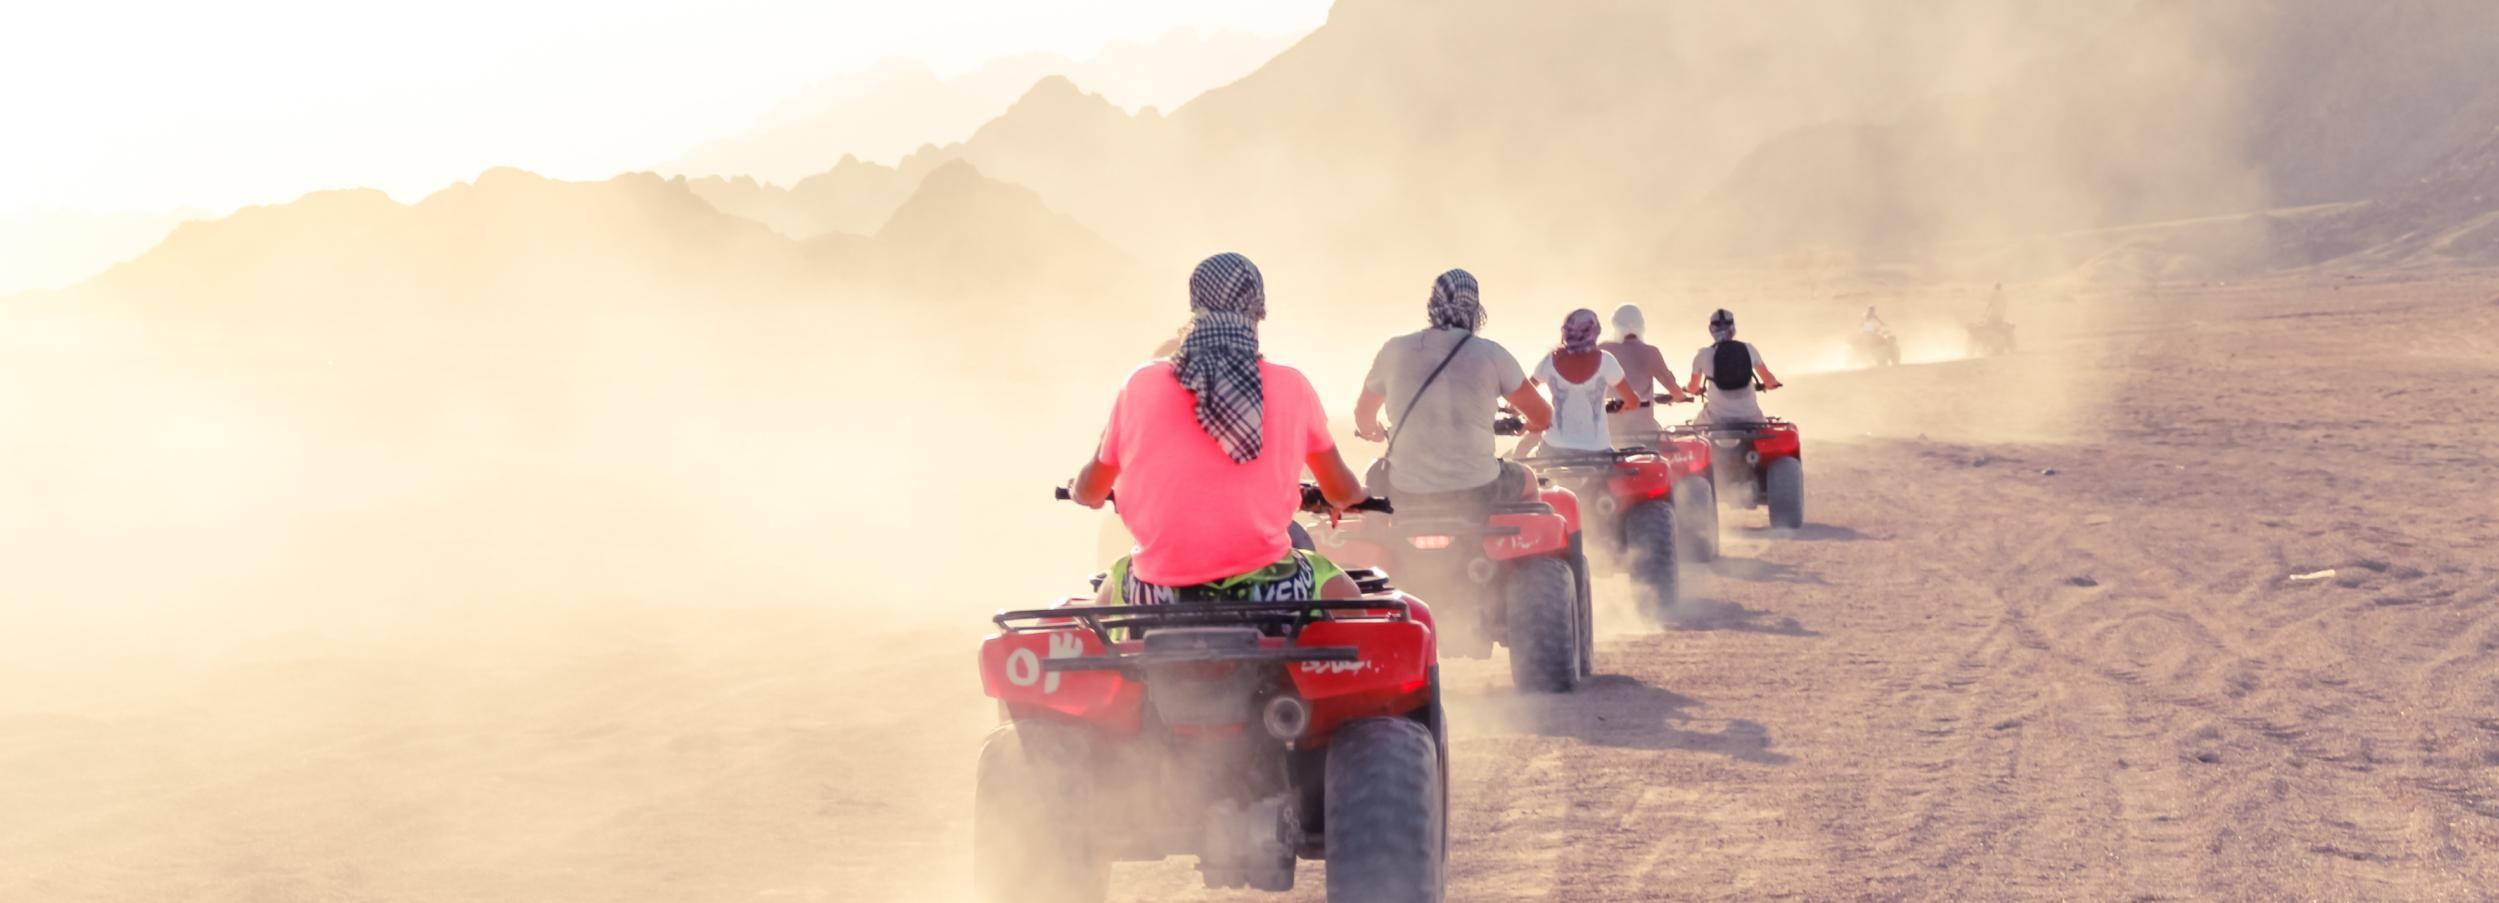 Sharm El Sheikh Desert Safari com passeios de camelo e bicicleta